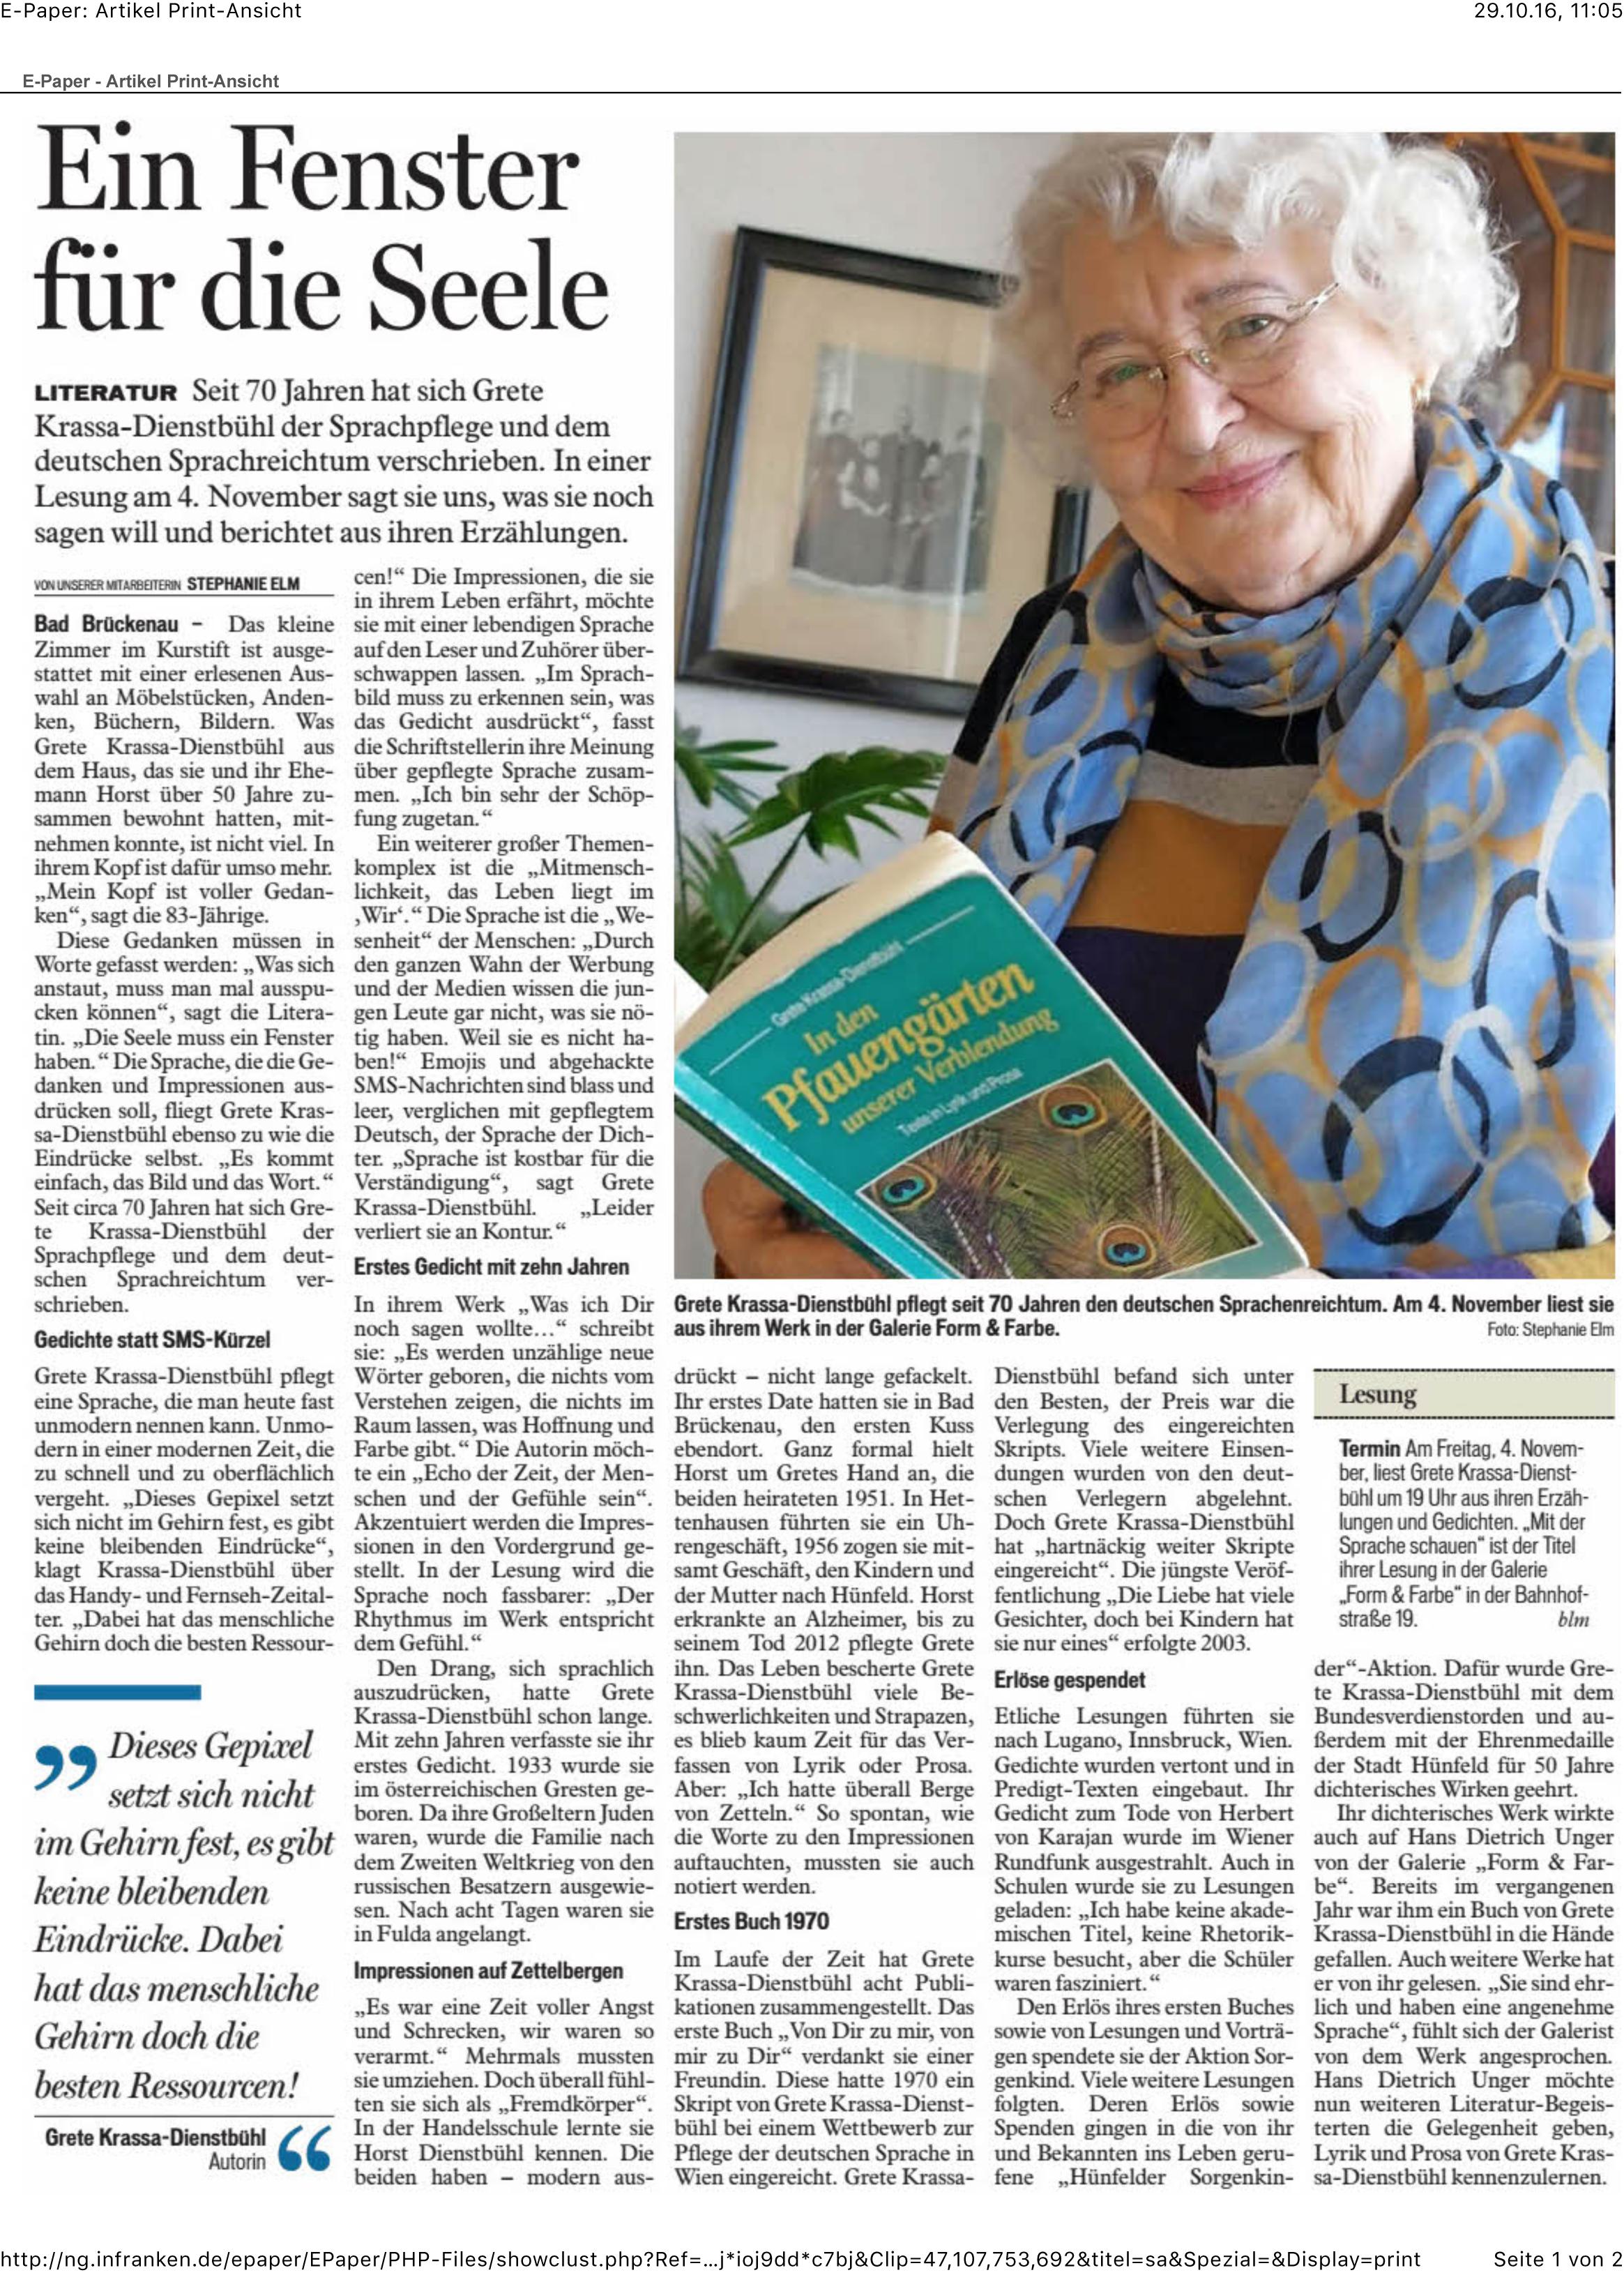 E-Paper: Artikel Print-Ansicht